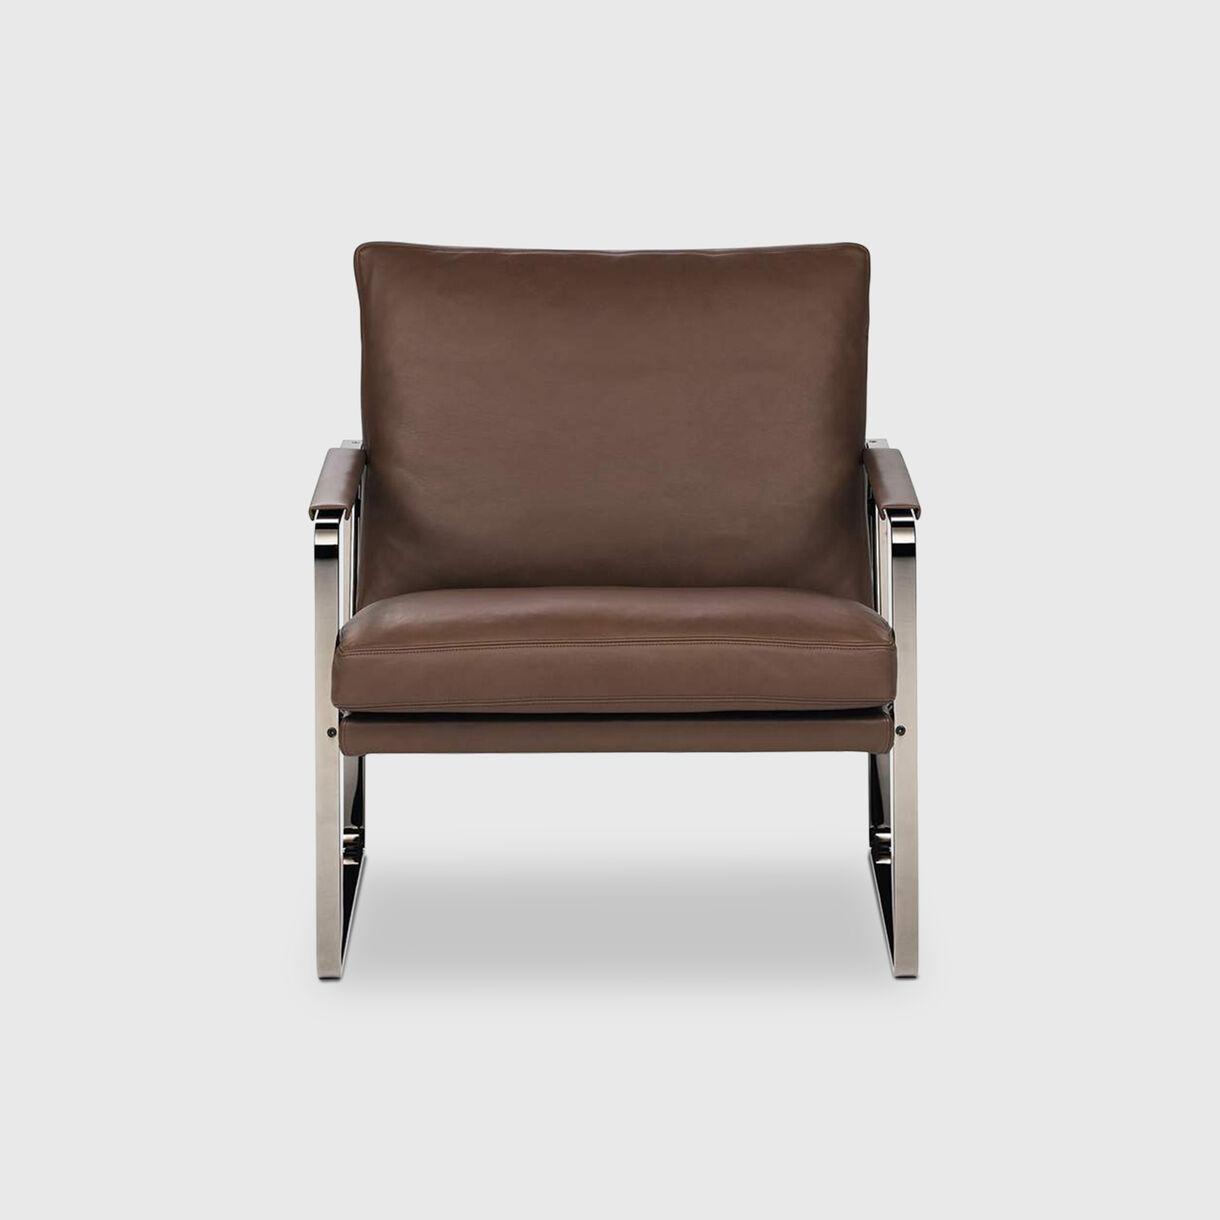 Fabricus Armchair